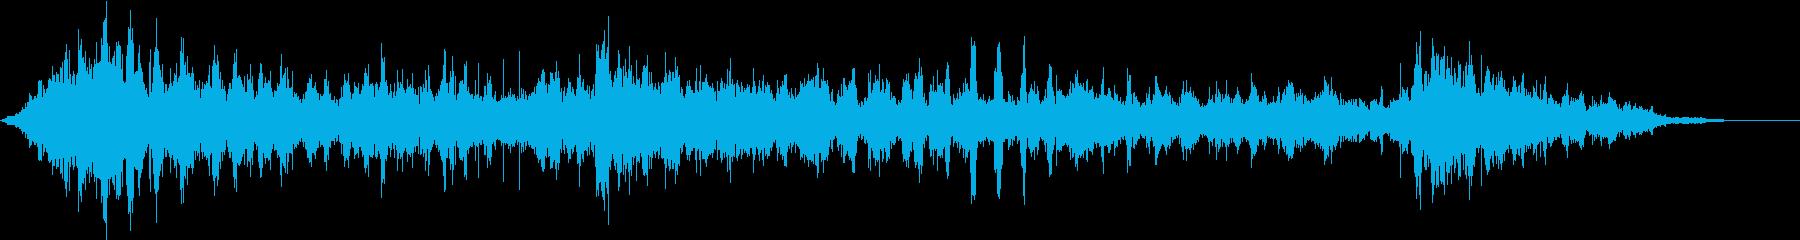 笑い声3の再生済みの波形